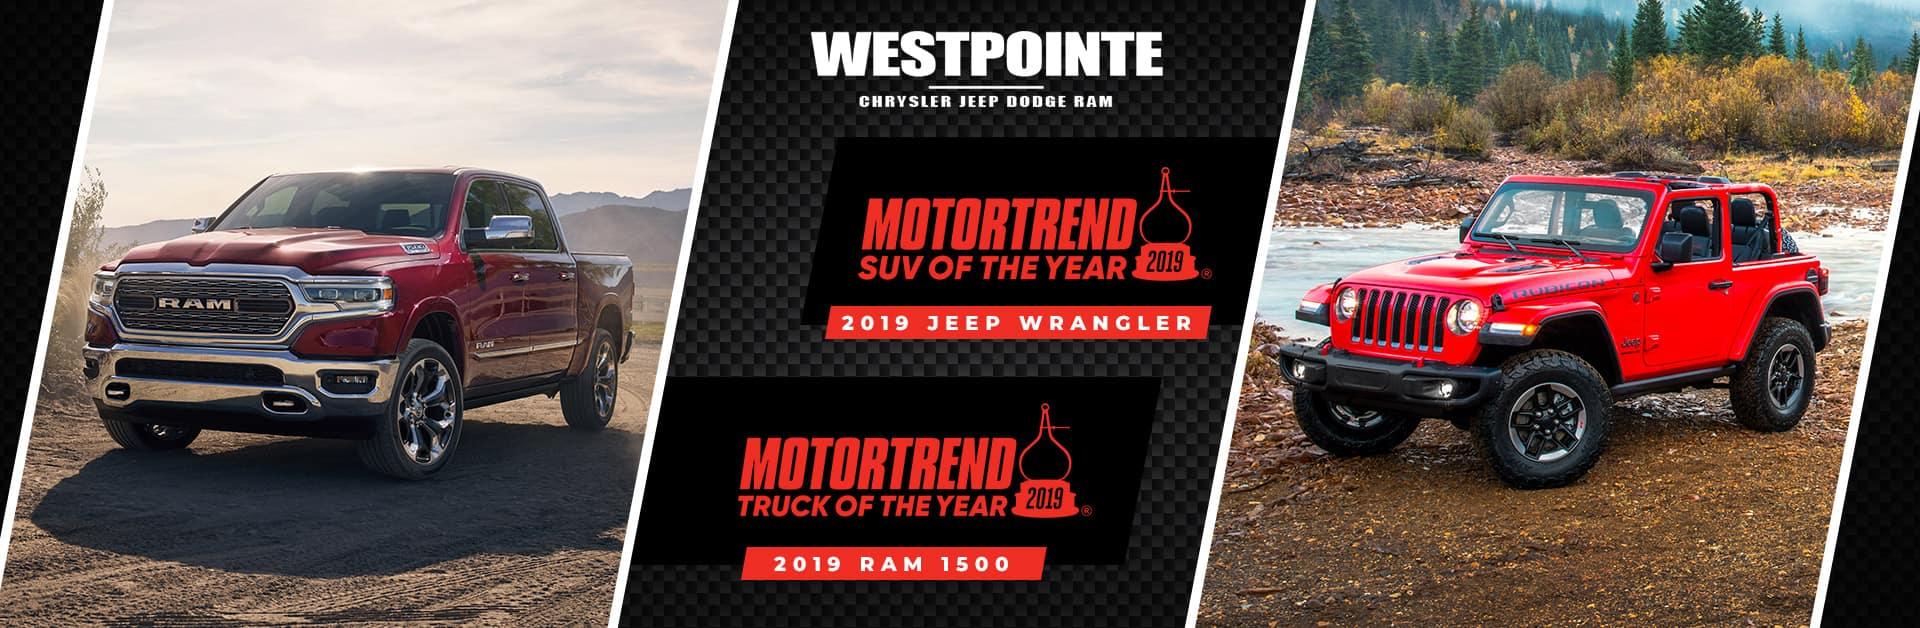 WestpointeCDJR-MotorTrend-1920x628-revision